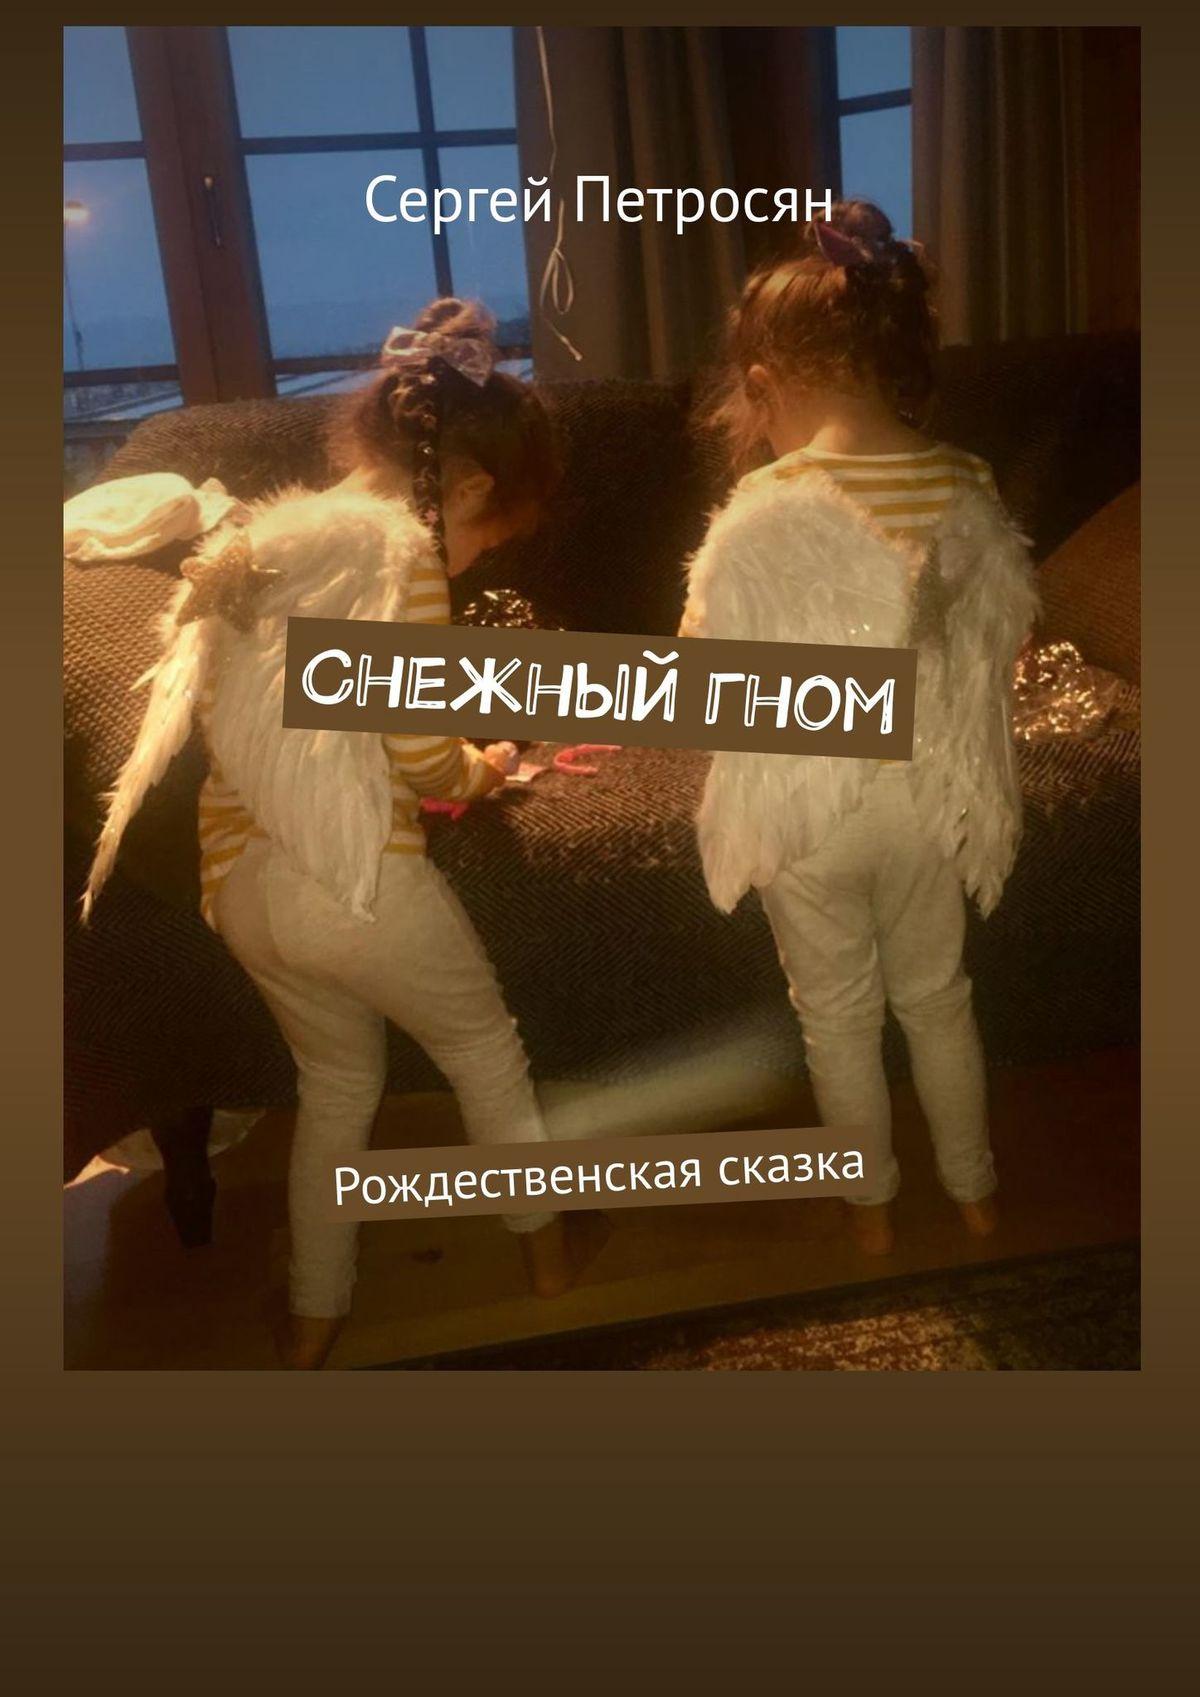 Сергей Петросян Снежныйгном. Рождественская сказка